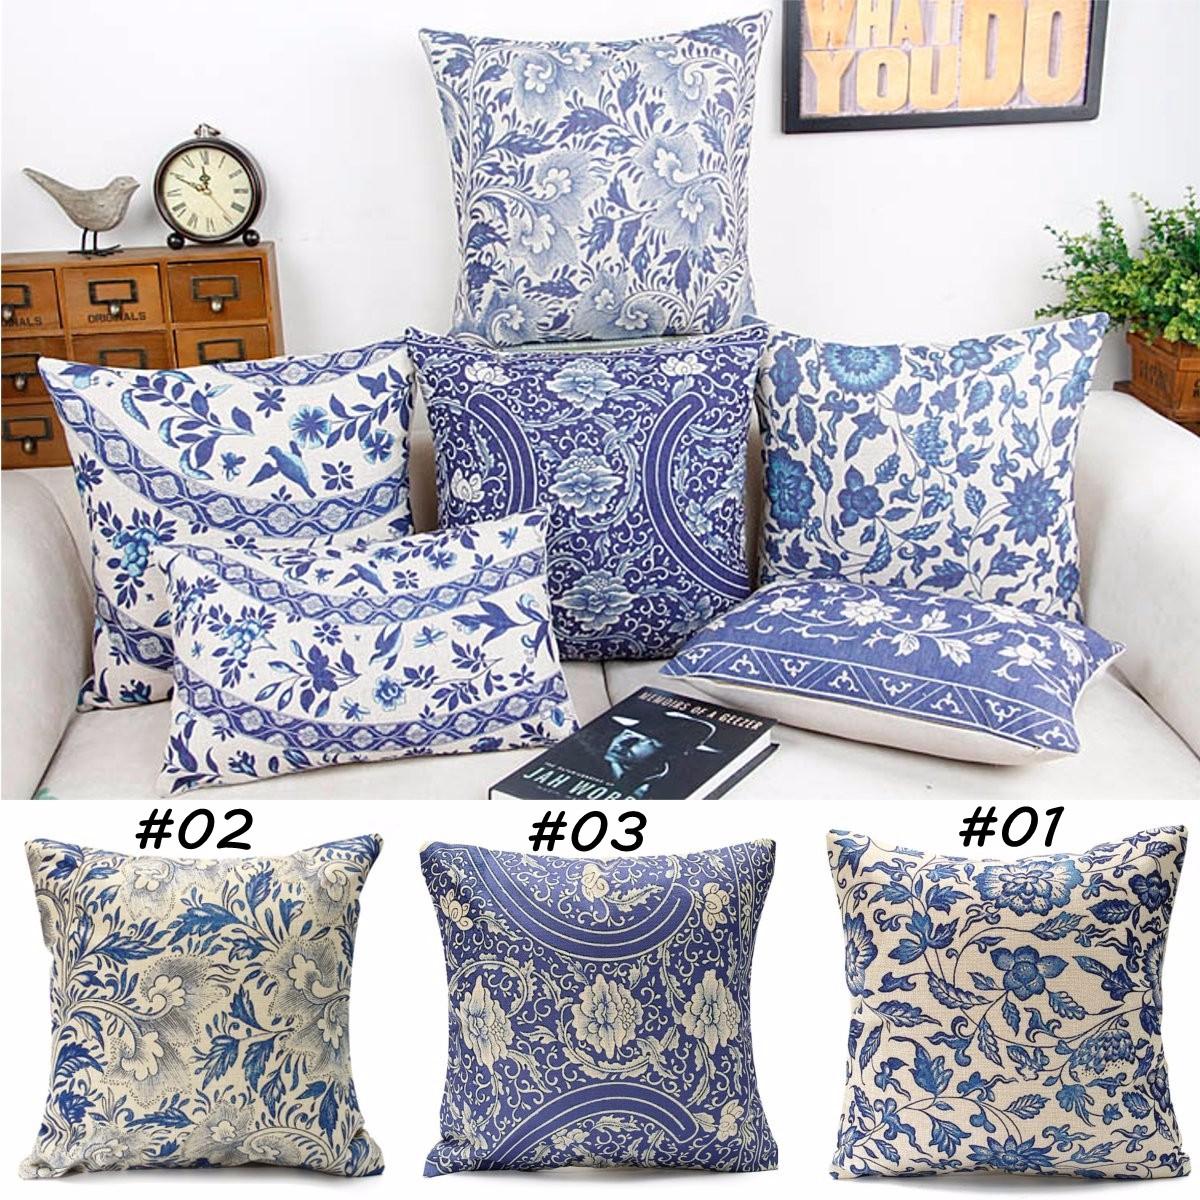 Vintage Oriental Floral Cotton Linen Pillow Case Cushion